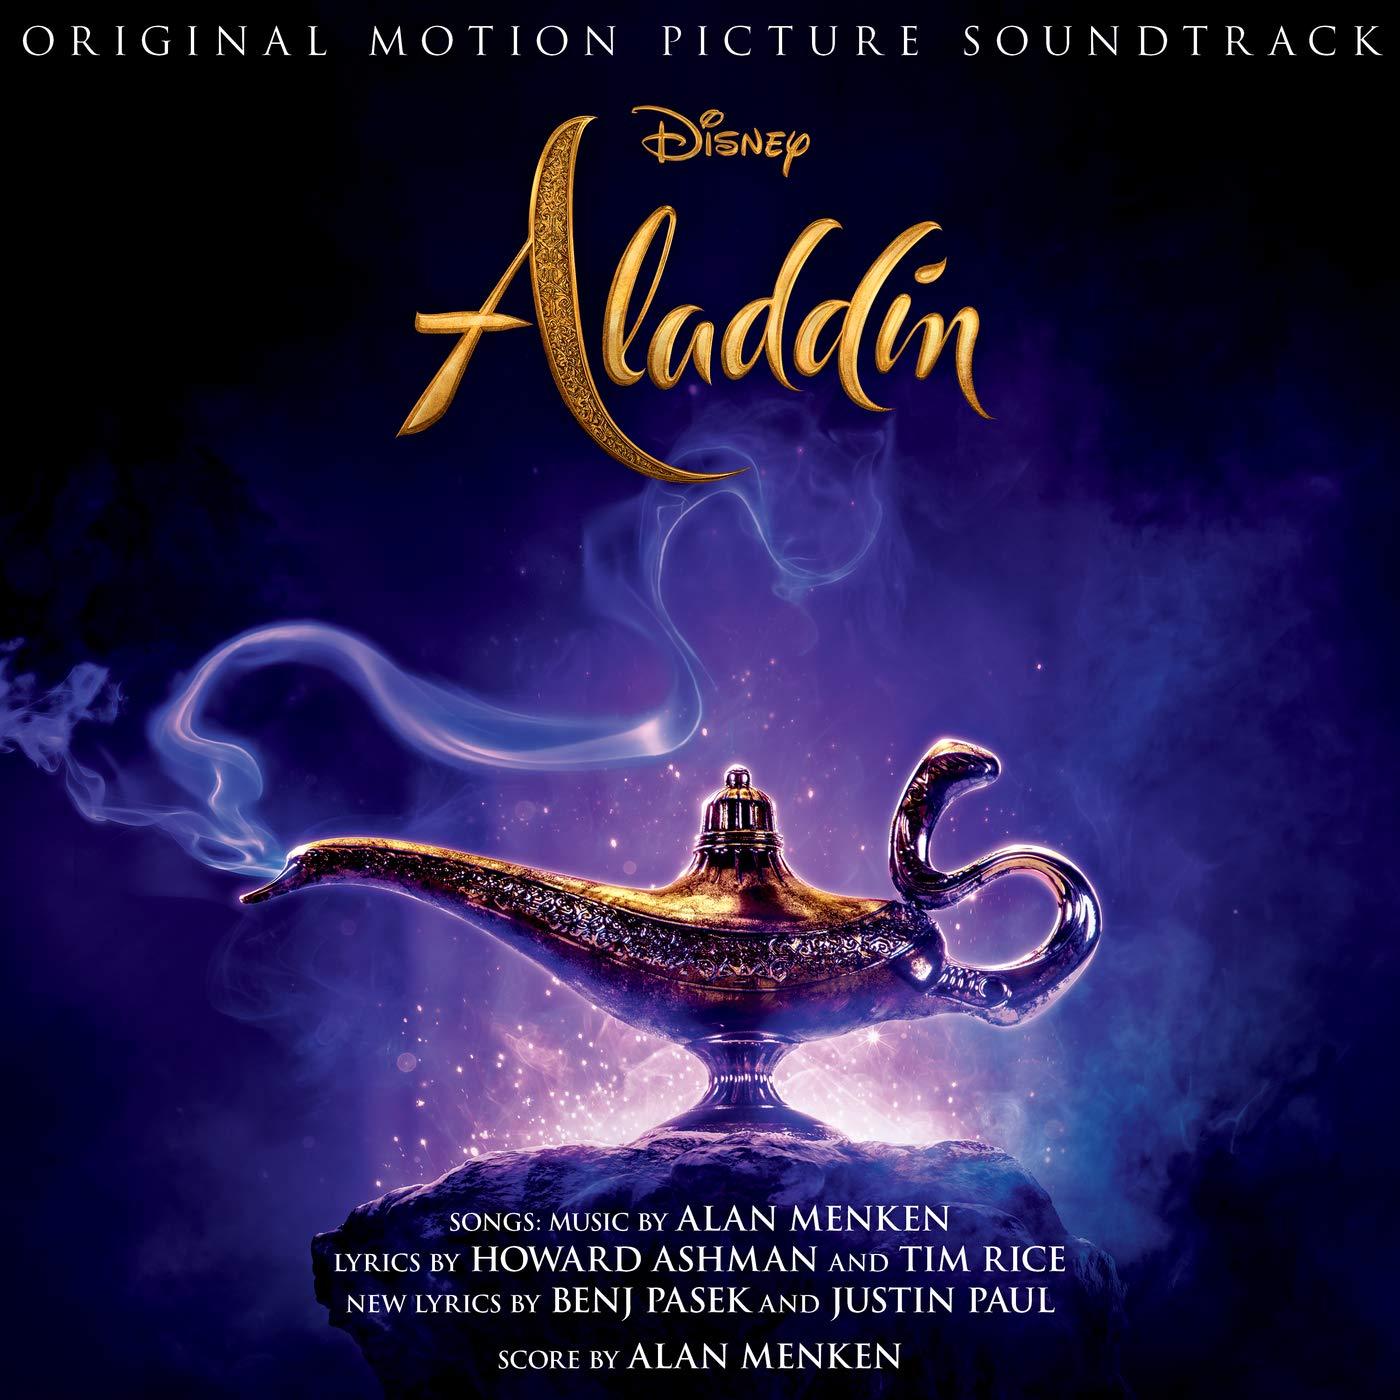 VA – Aladdin: Original Motion Picture Soundtrack (2019) [FLAC]